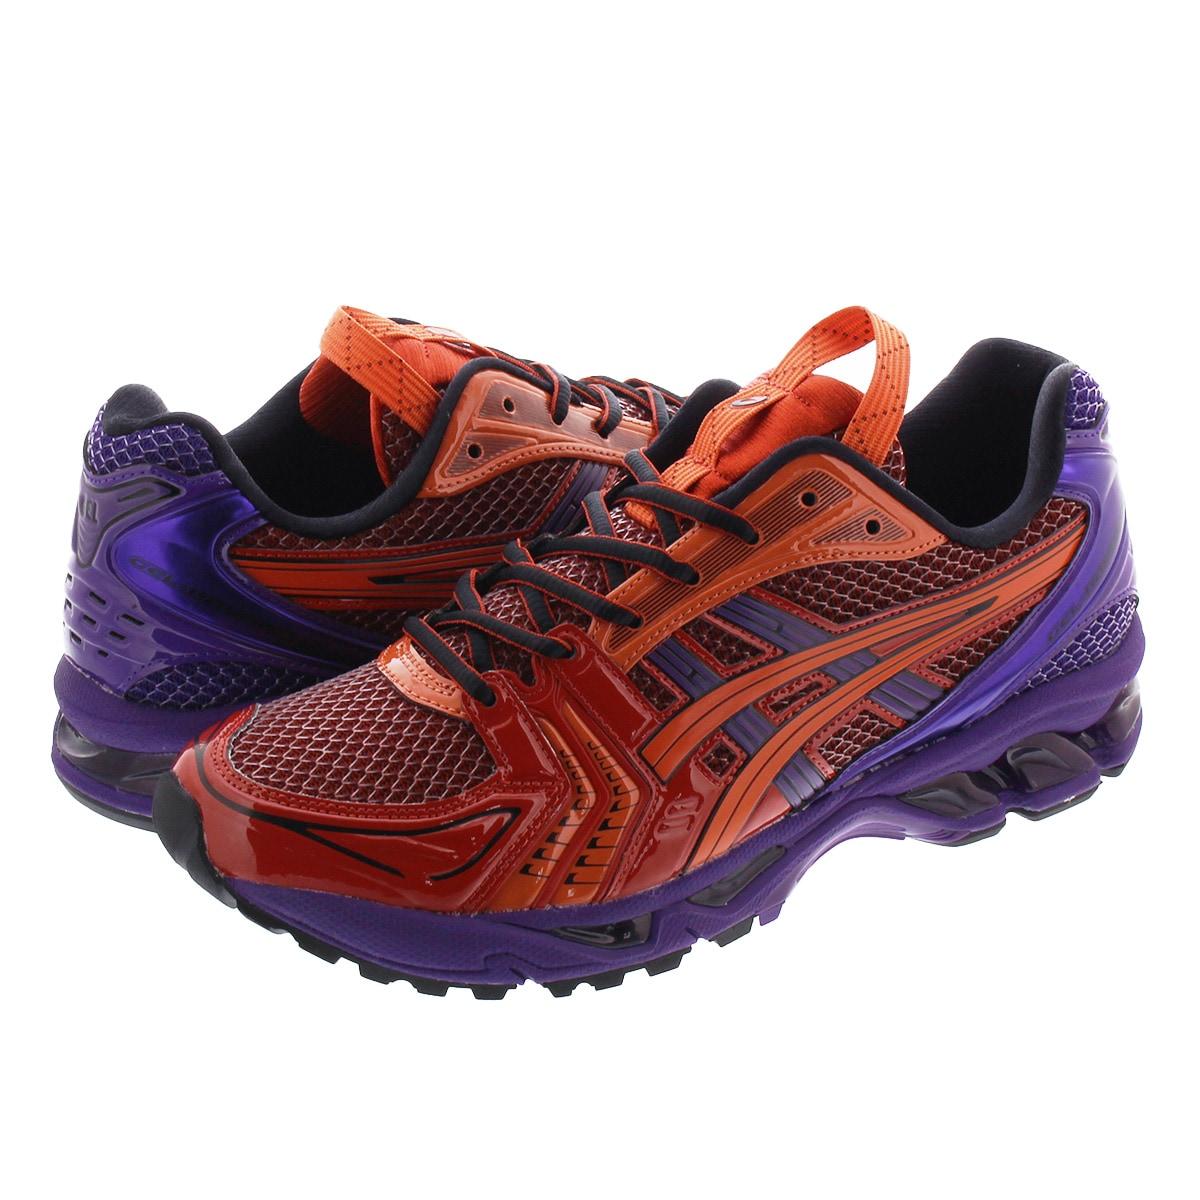 メンズ靴, スニーカー BIG SALEASICS SPORTSTYLE UB1-S GEL-KAYANO 14 KIKO KOSTADINOV 1 14 CLASSIC REDASICS BLUE 1201a189-600